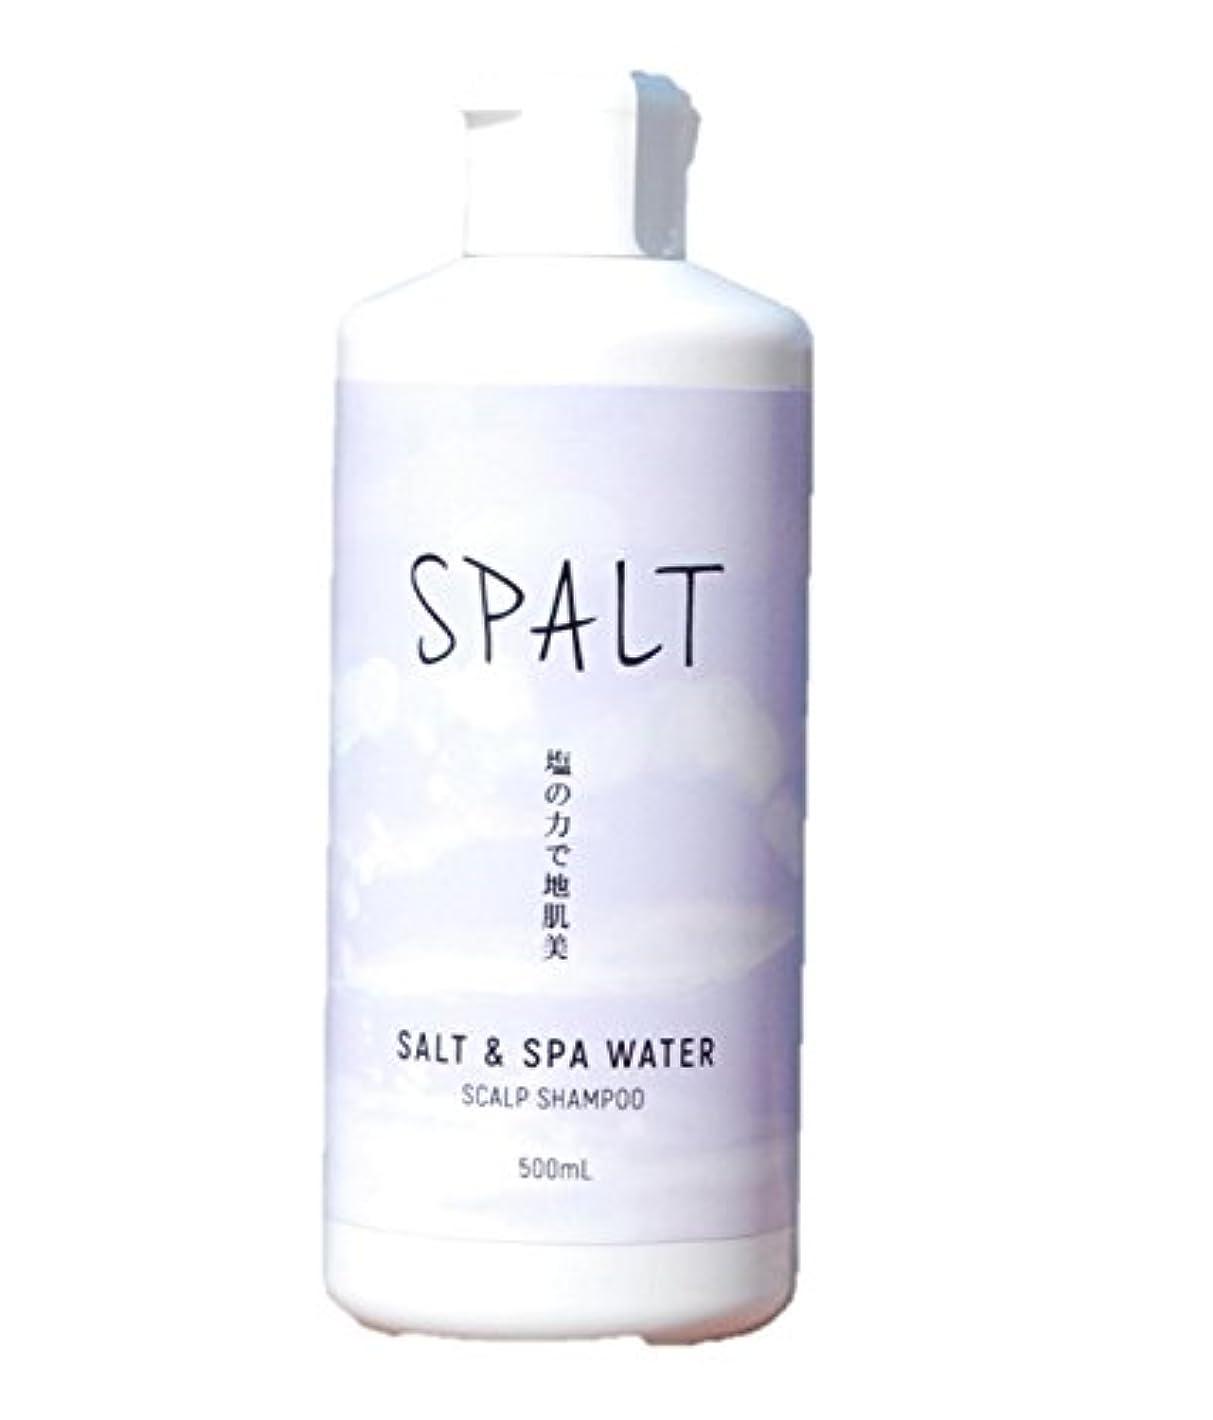 キリスト教葉巻純粋に塩シャンプー 皆生温泉水シャンプー スパルト